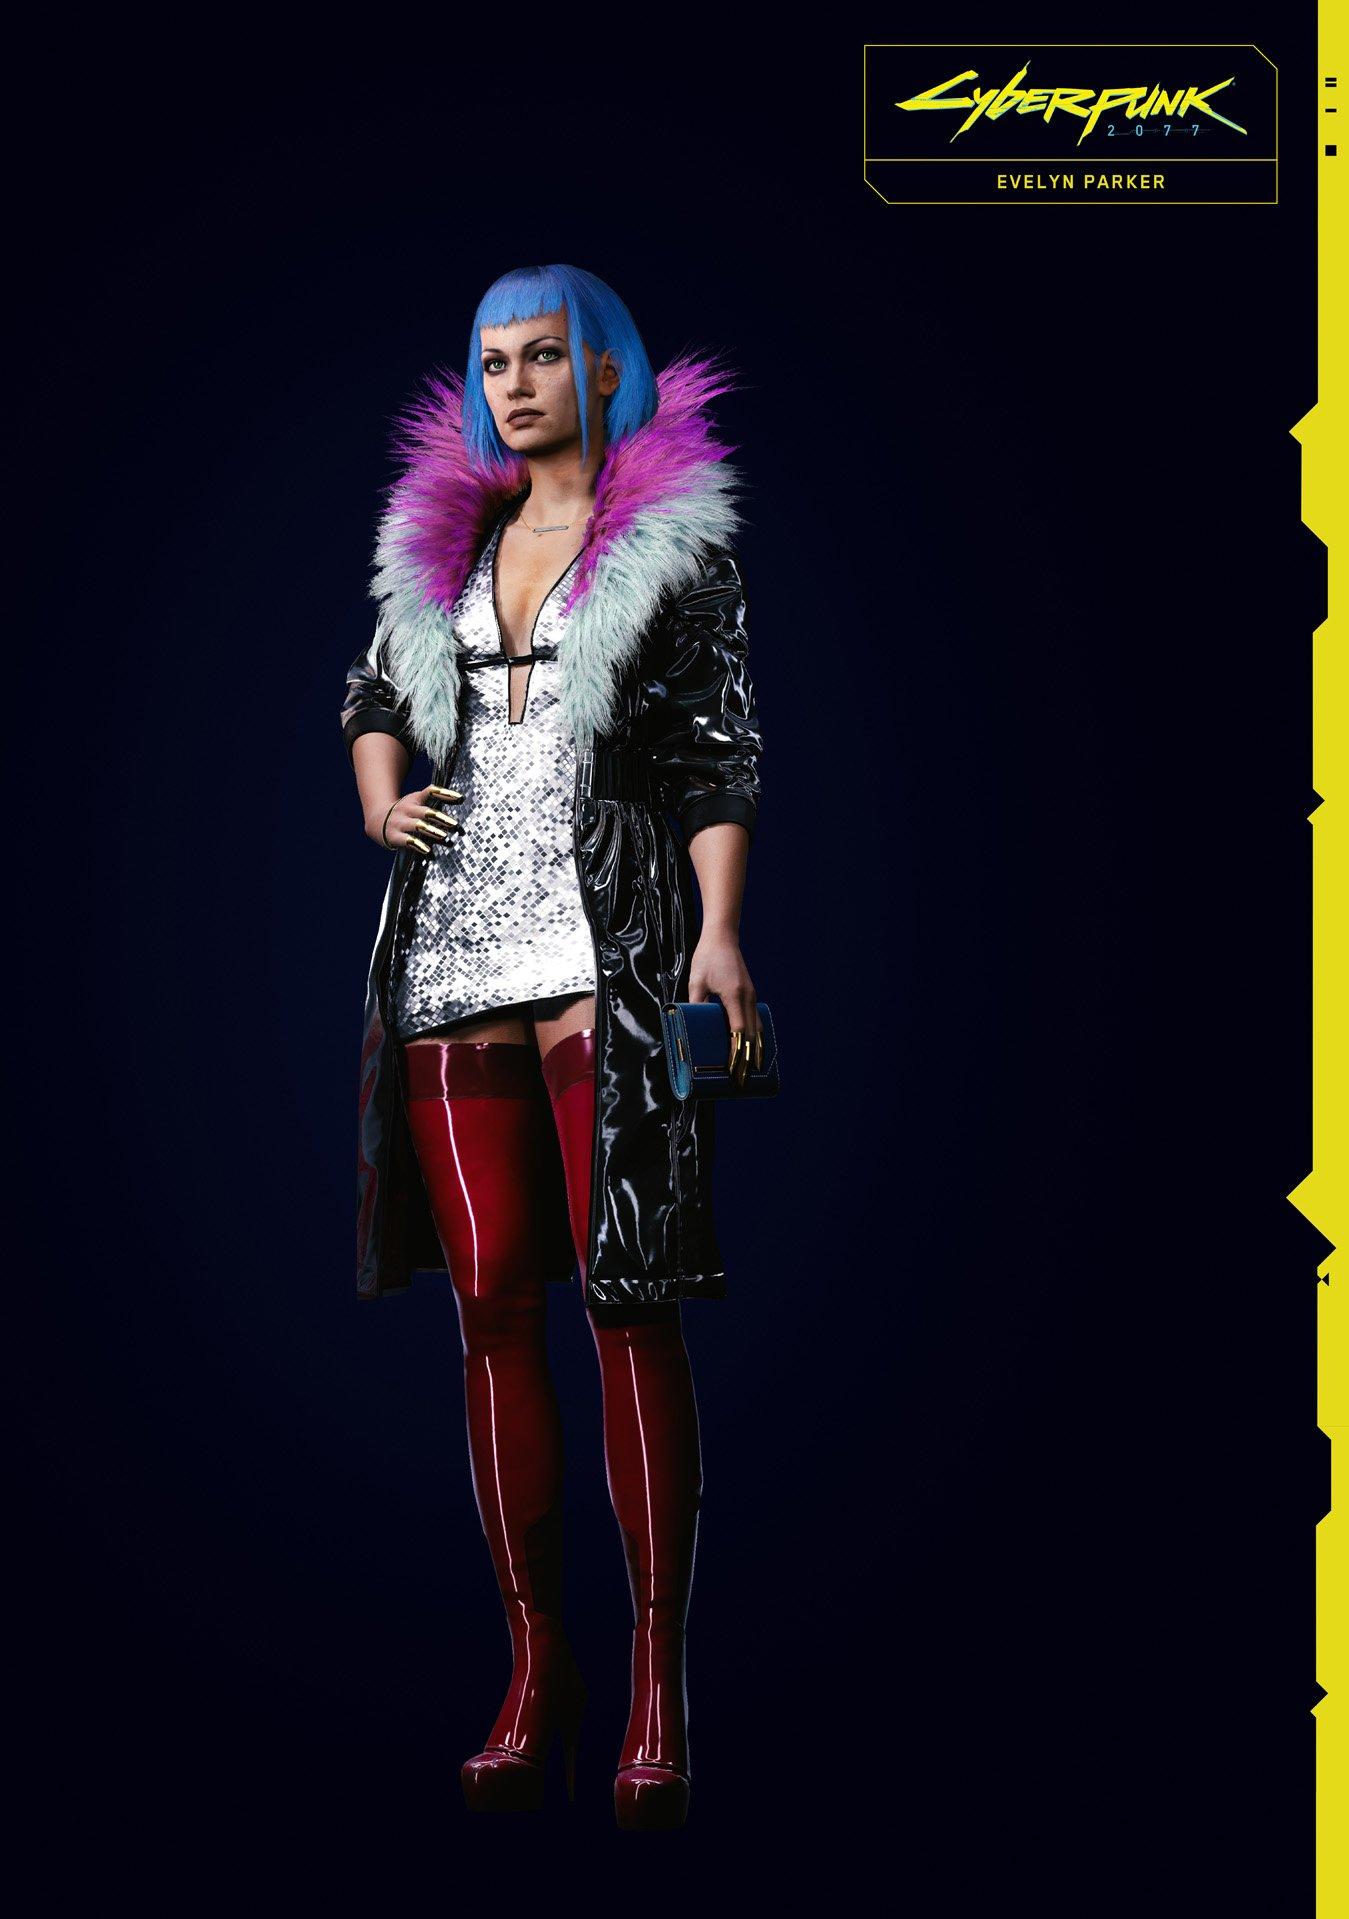 《赛博朋克2077》新NPC介绍 性偶职员艾芙琳帕克野心勃勃